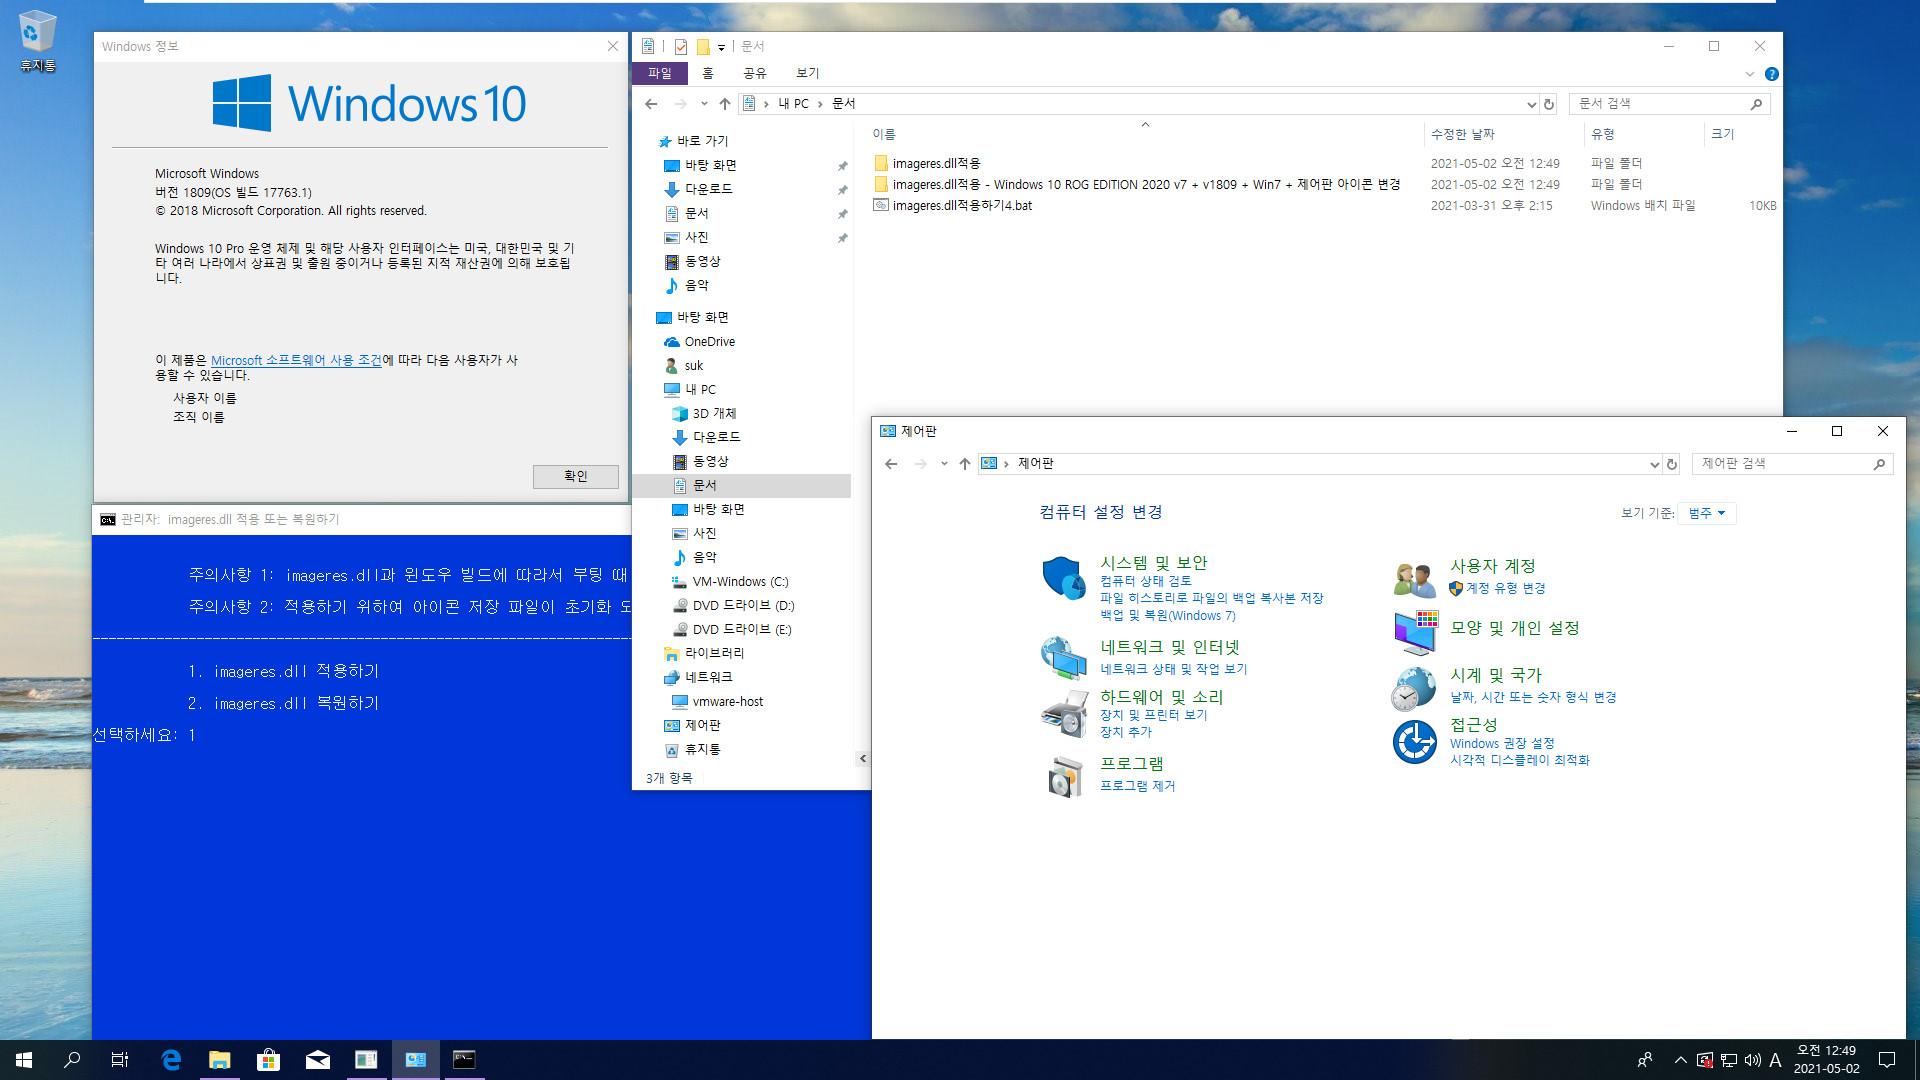 imageres.dll적용 테스트 - Windows 10 ROG EDITION 2020 v7 [+ v1809 + Win7 + 제어판 아이콘 변경] 2021-05-02_004951.jpg